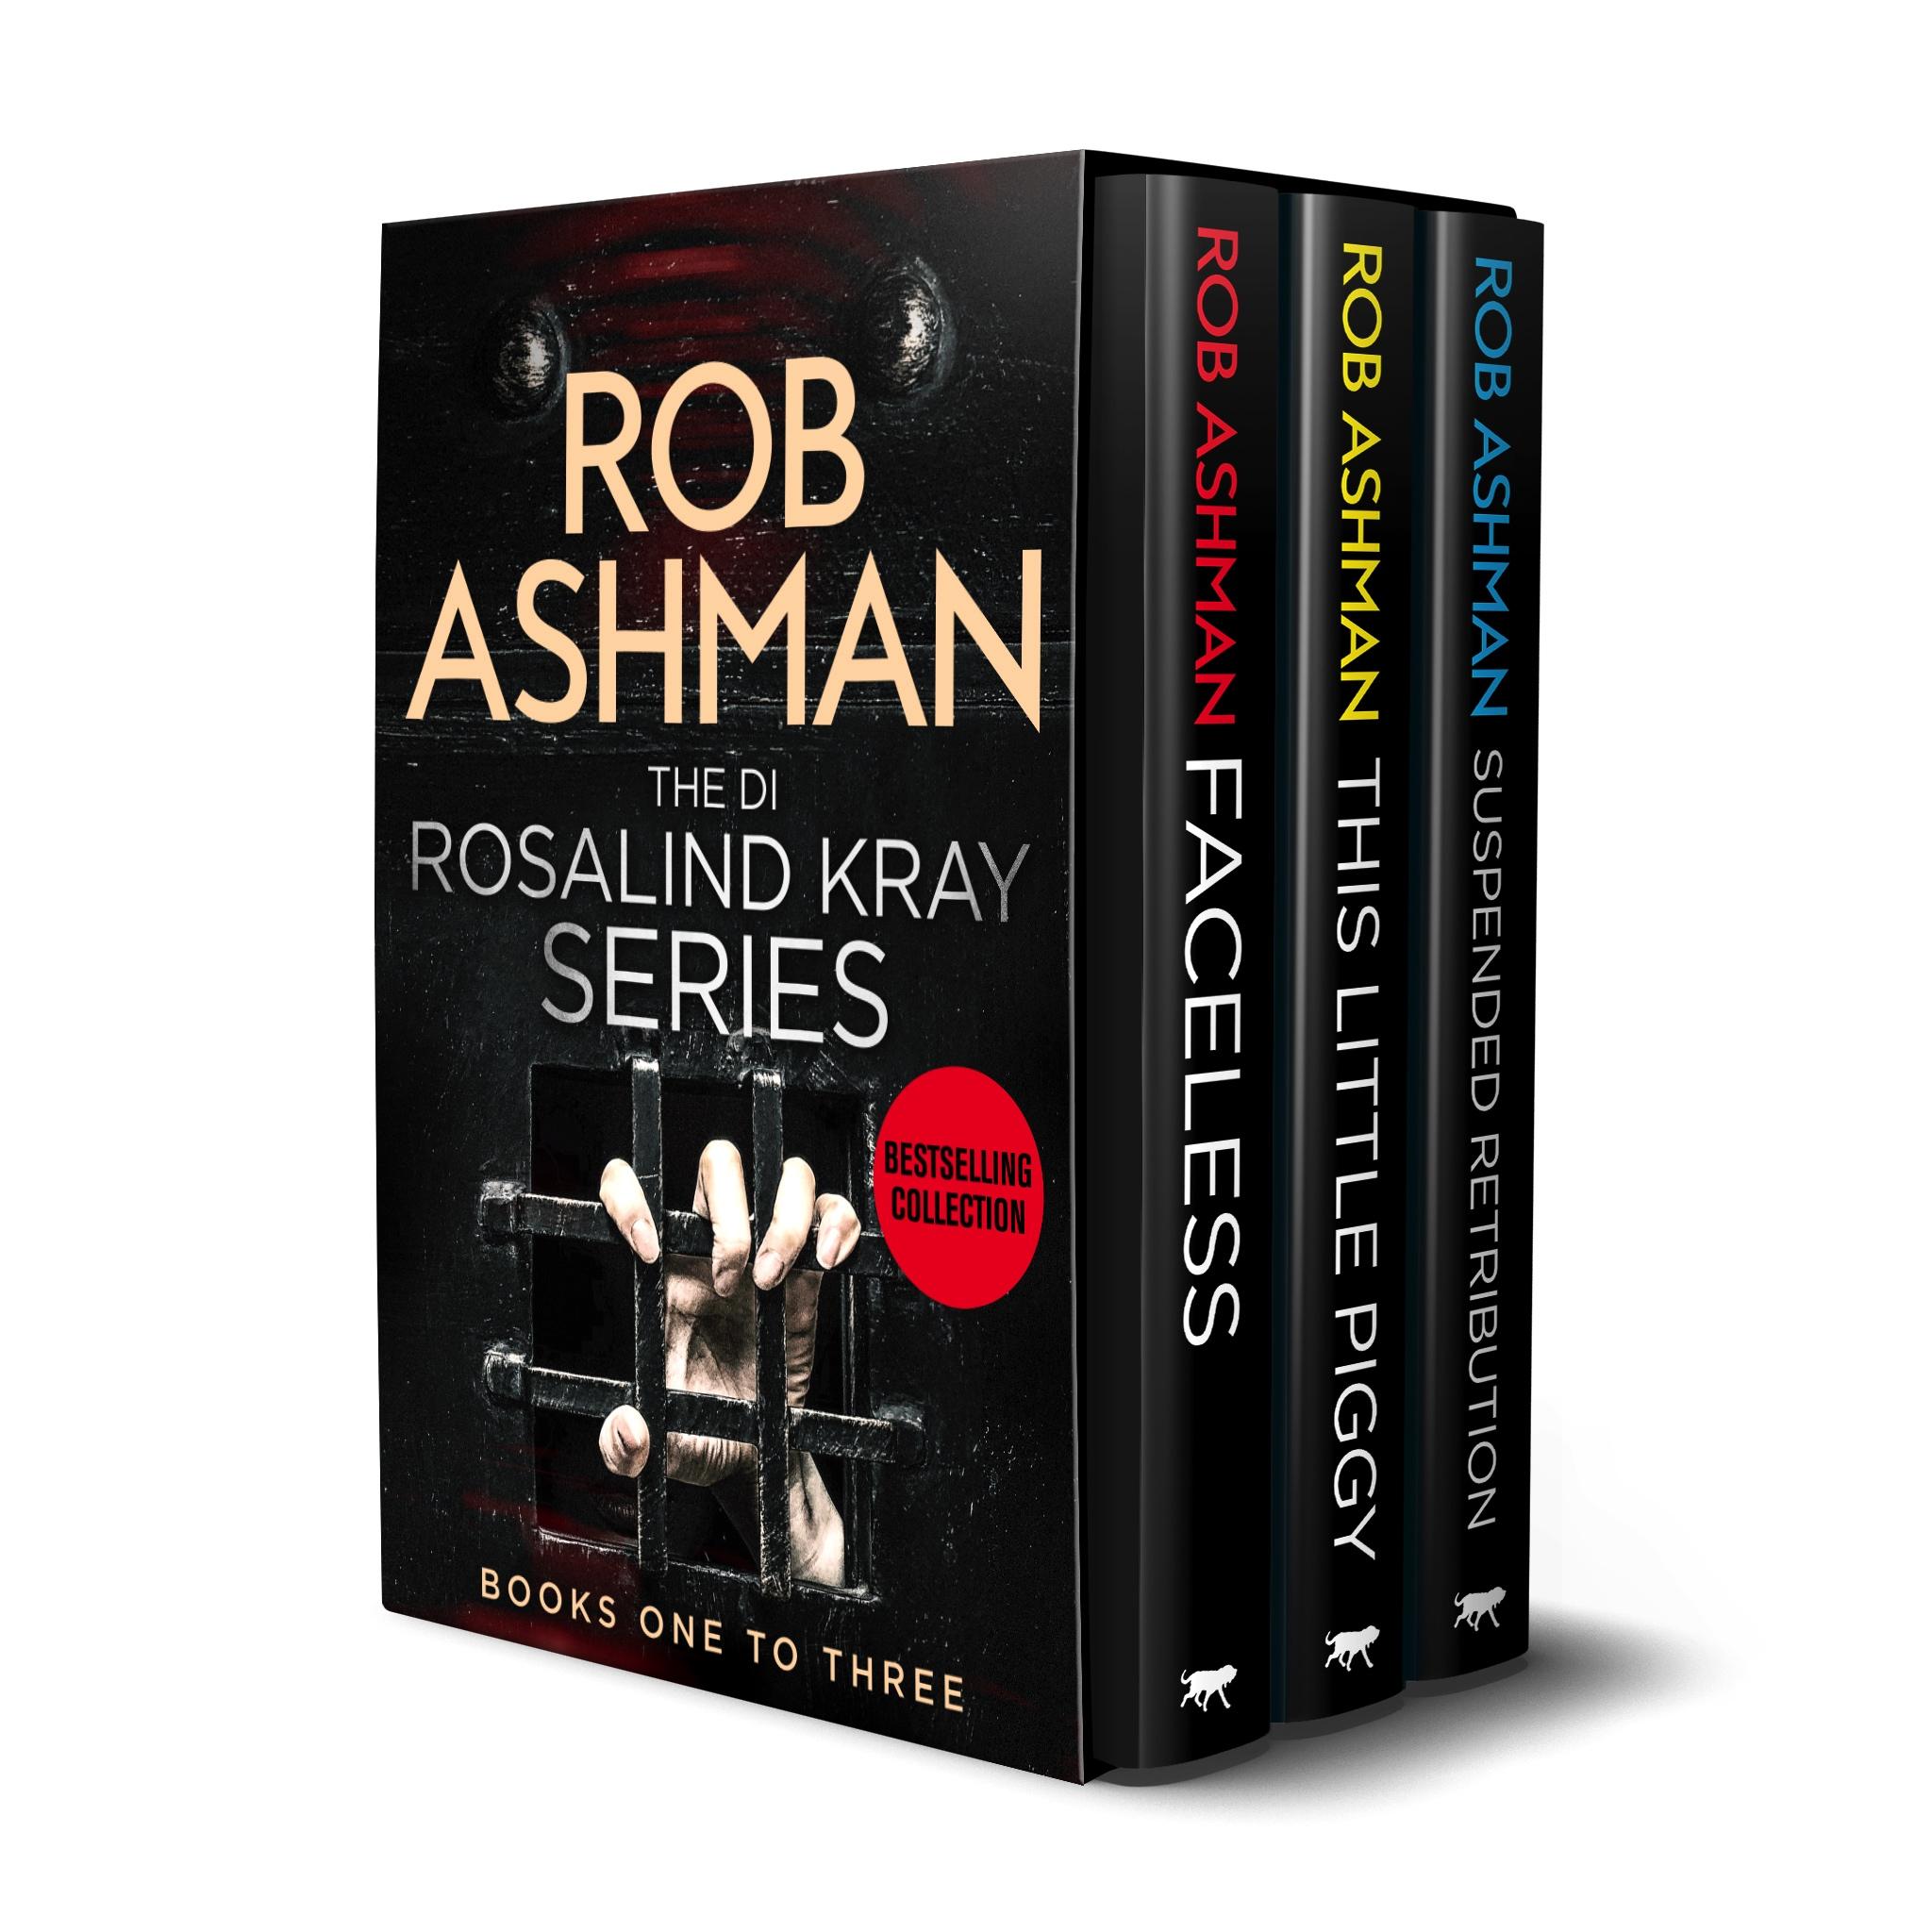 The-DI-Rosalind-Kray-Series-Kindle.jpg